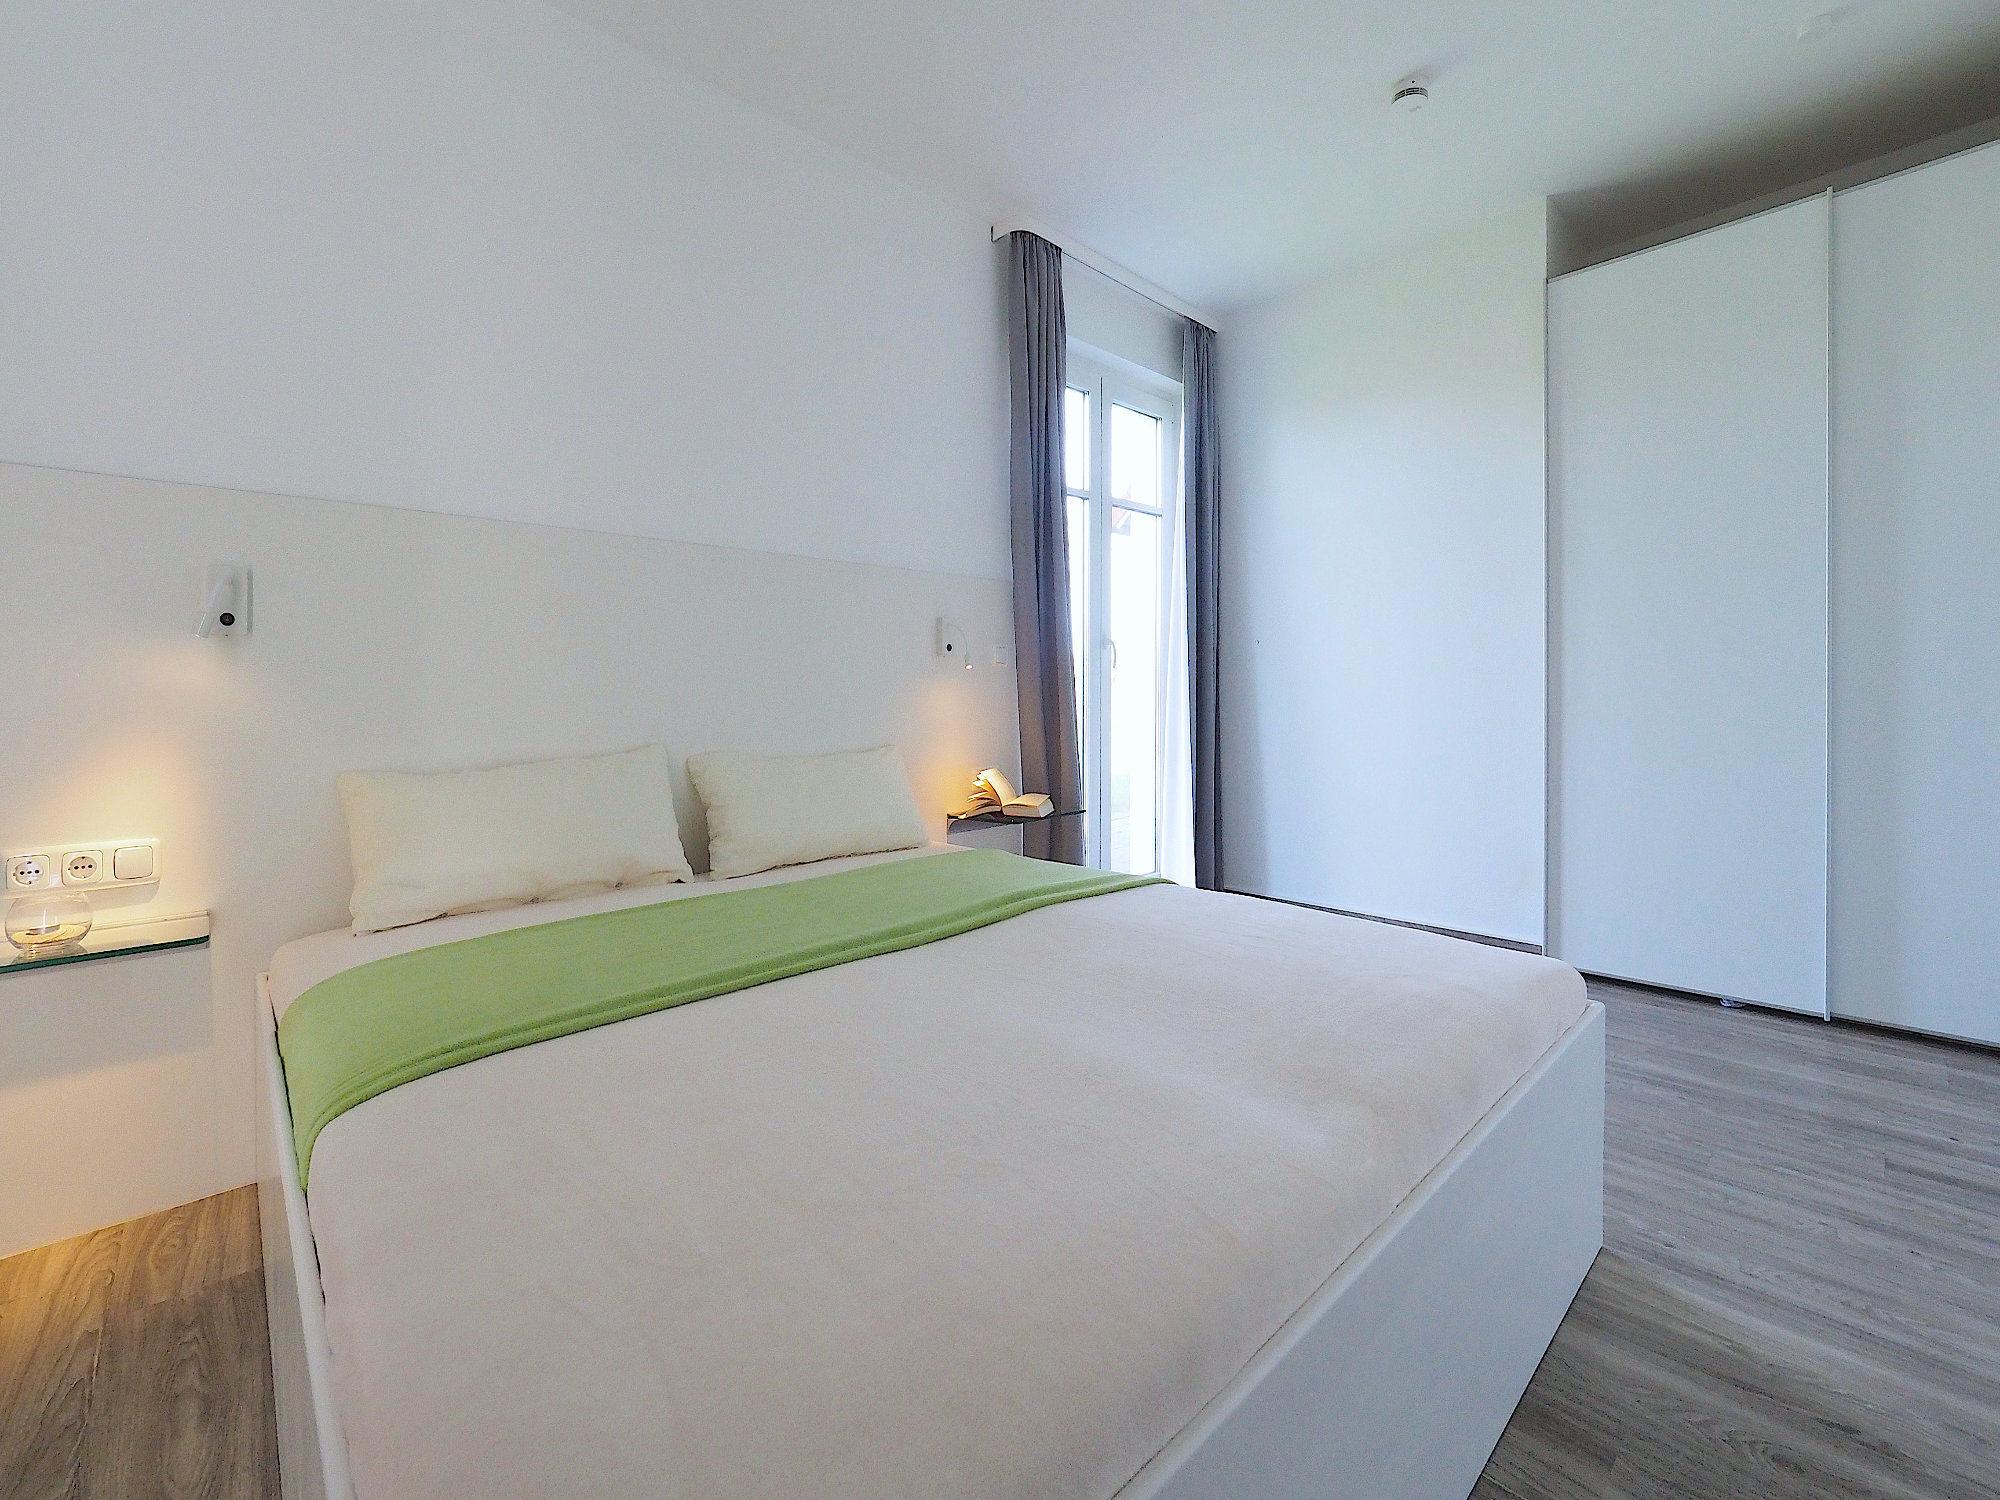 Schlafzimmer mit Doppelbett und Kleiderschrank und bodentiefem Fenster